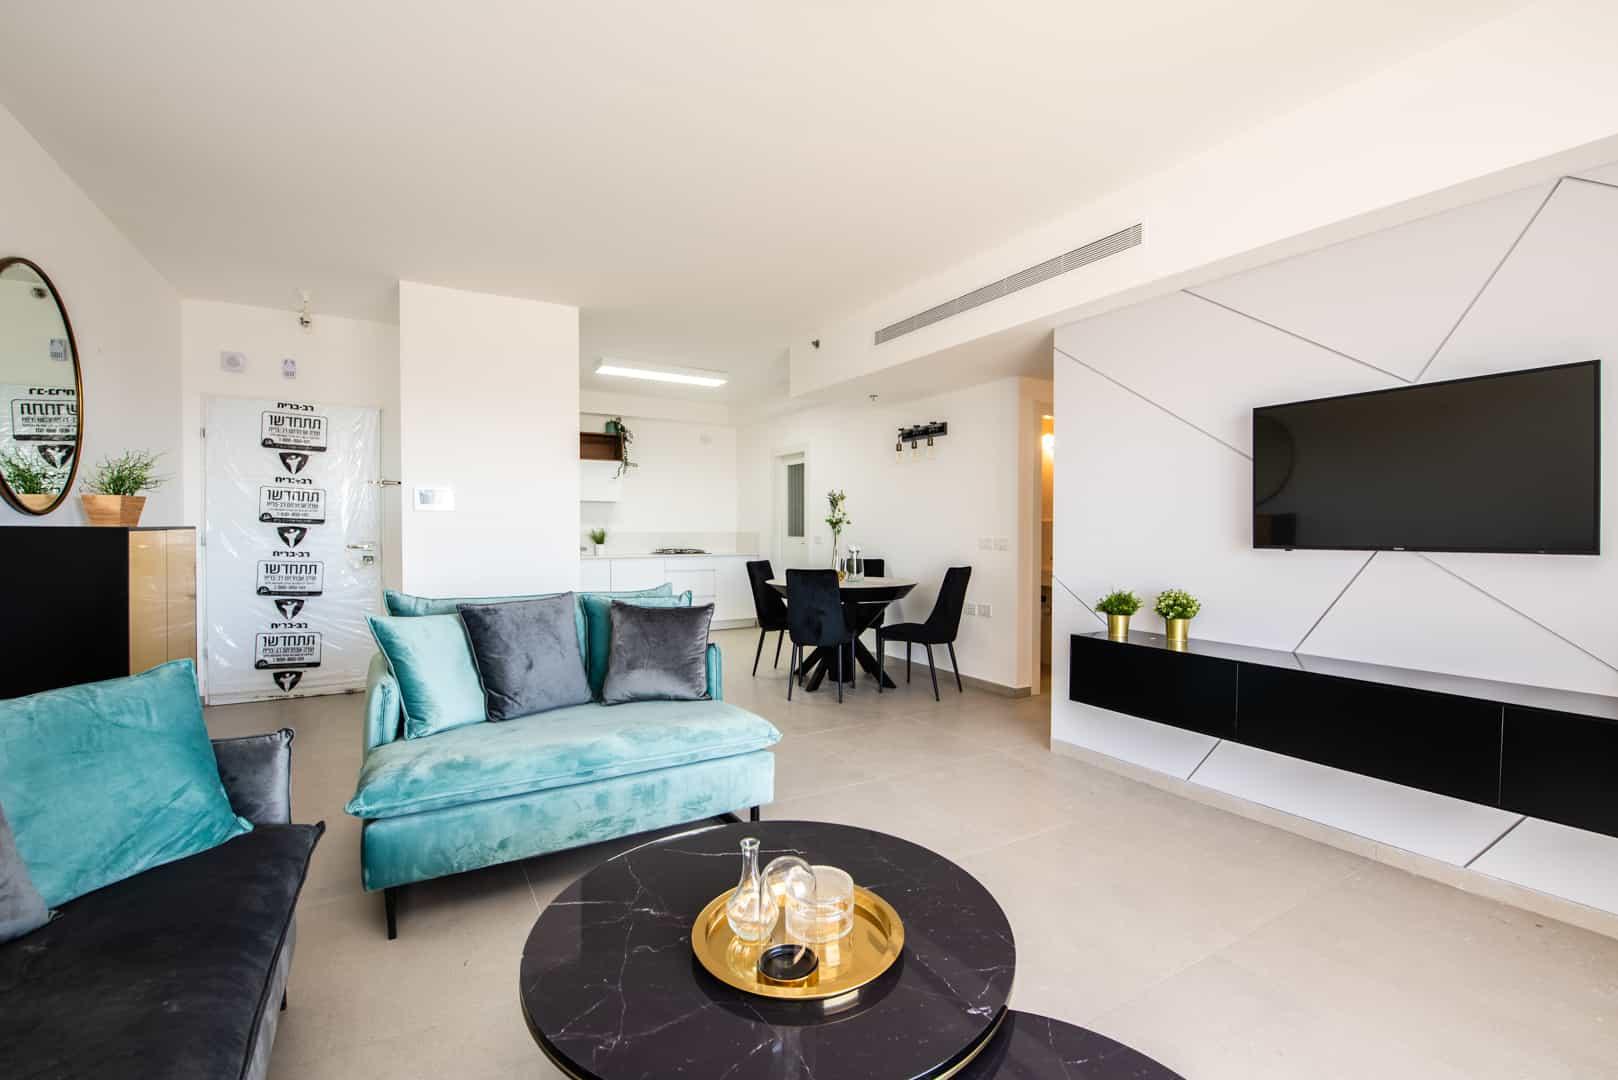 דירת 5 חדרים לדוגמא בפרויקט קריניצי החדשה צילום בן רוטשטיין